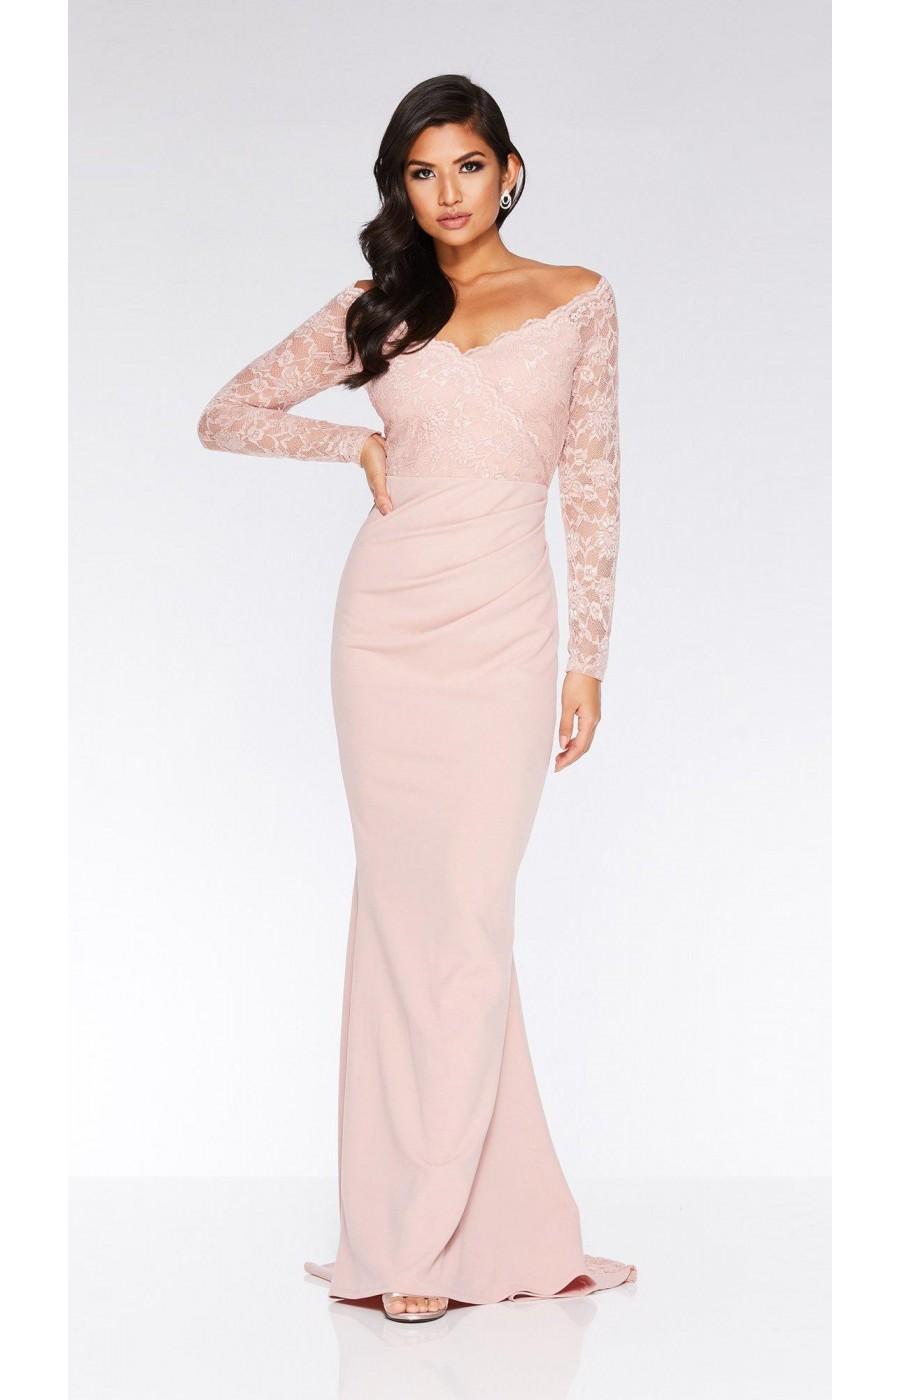 Φόρεμα για γάμο / αρραβώνα με δαντέλα